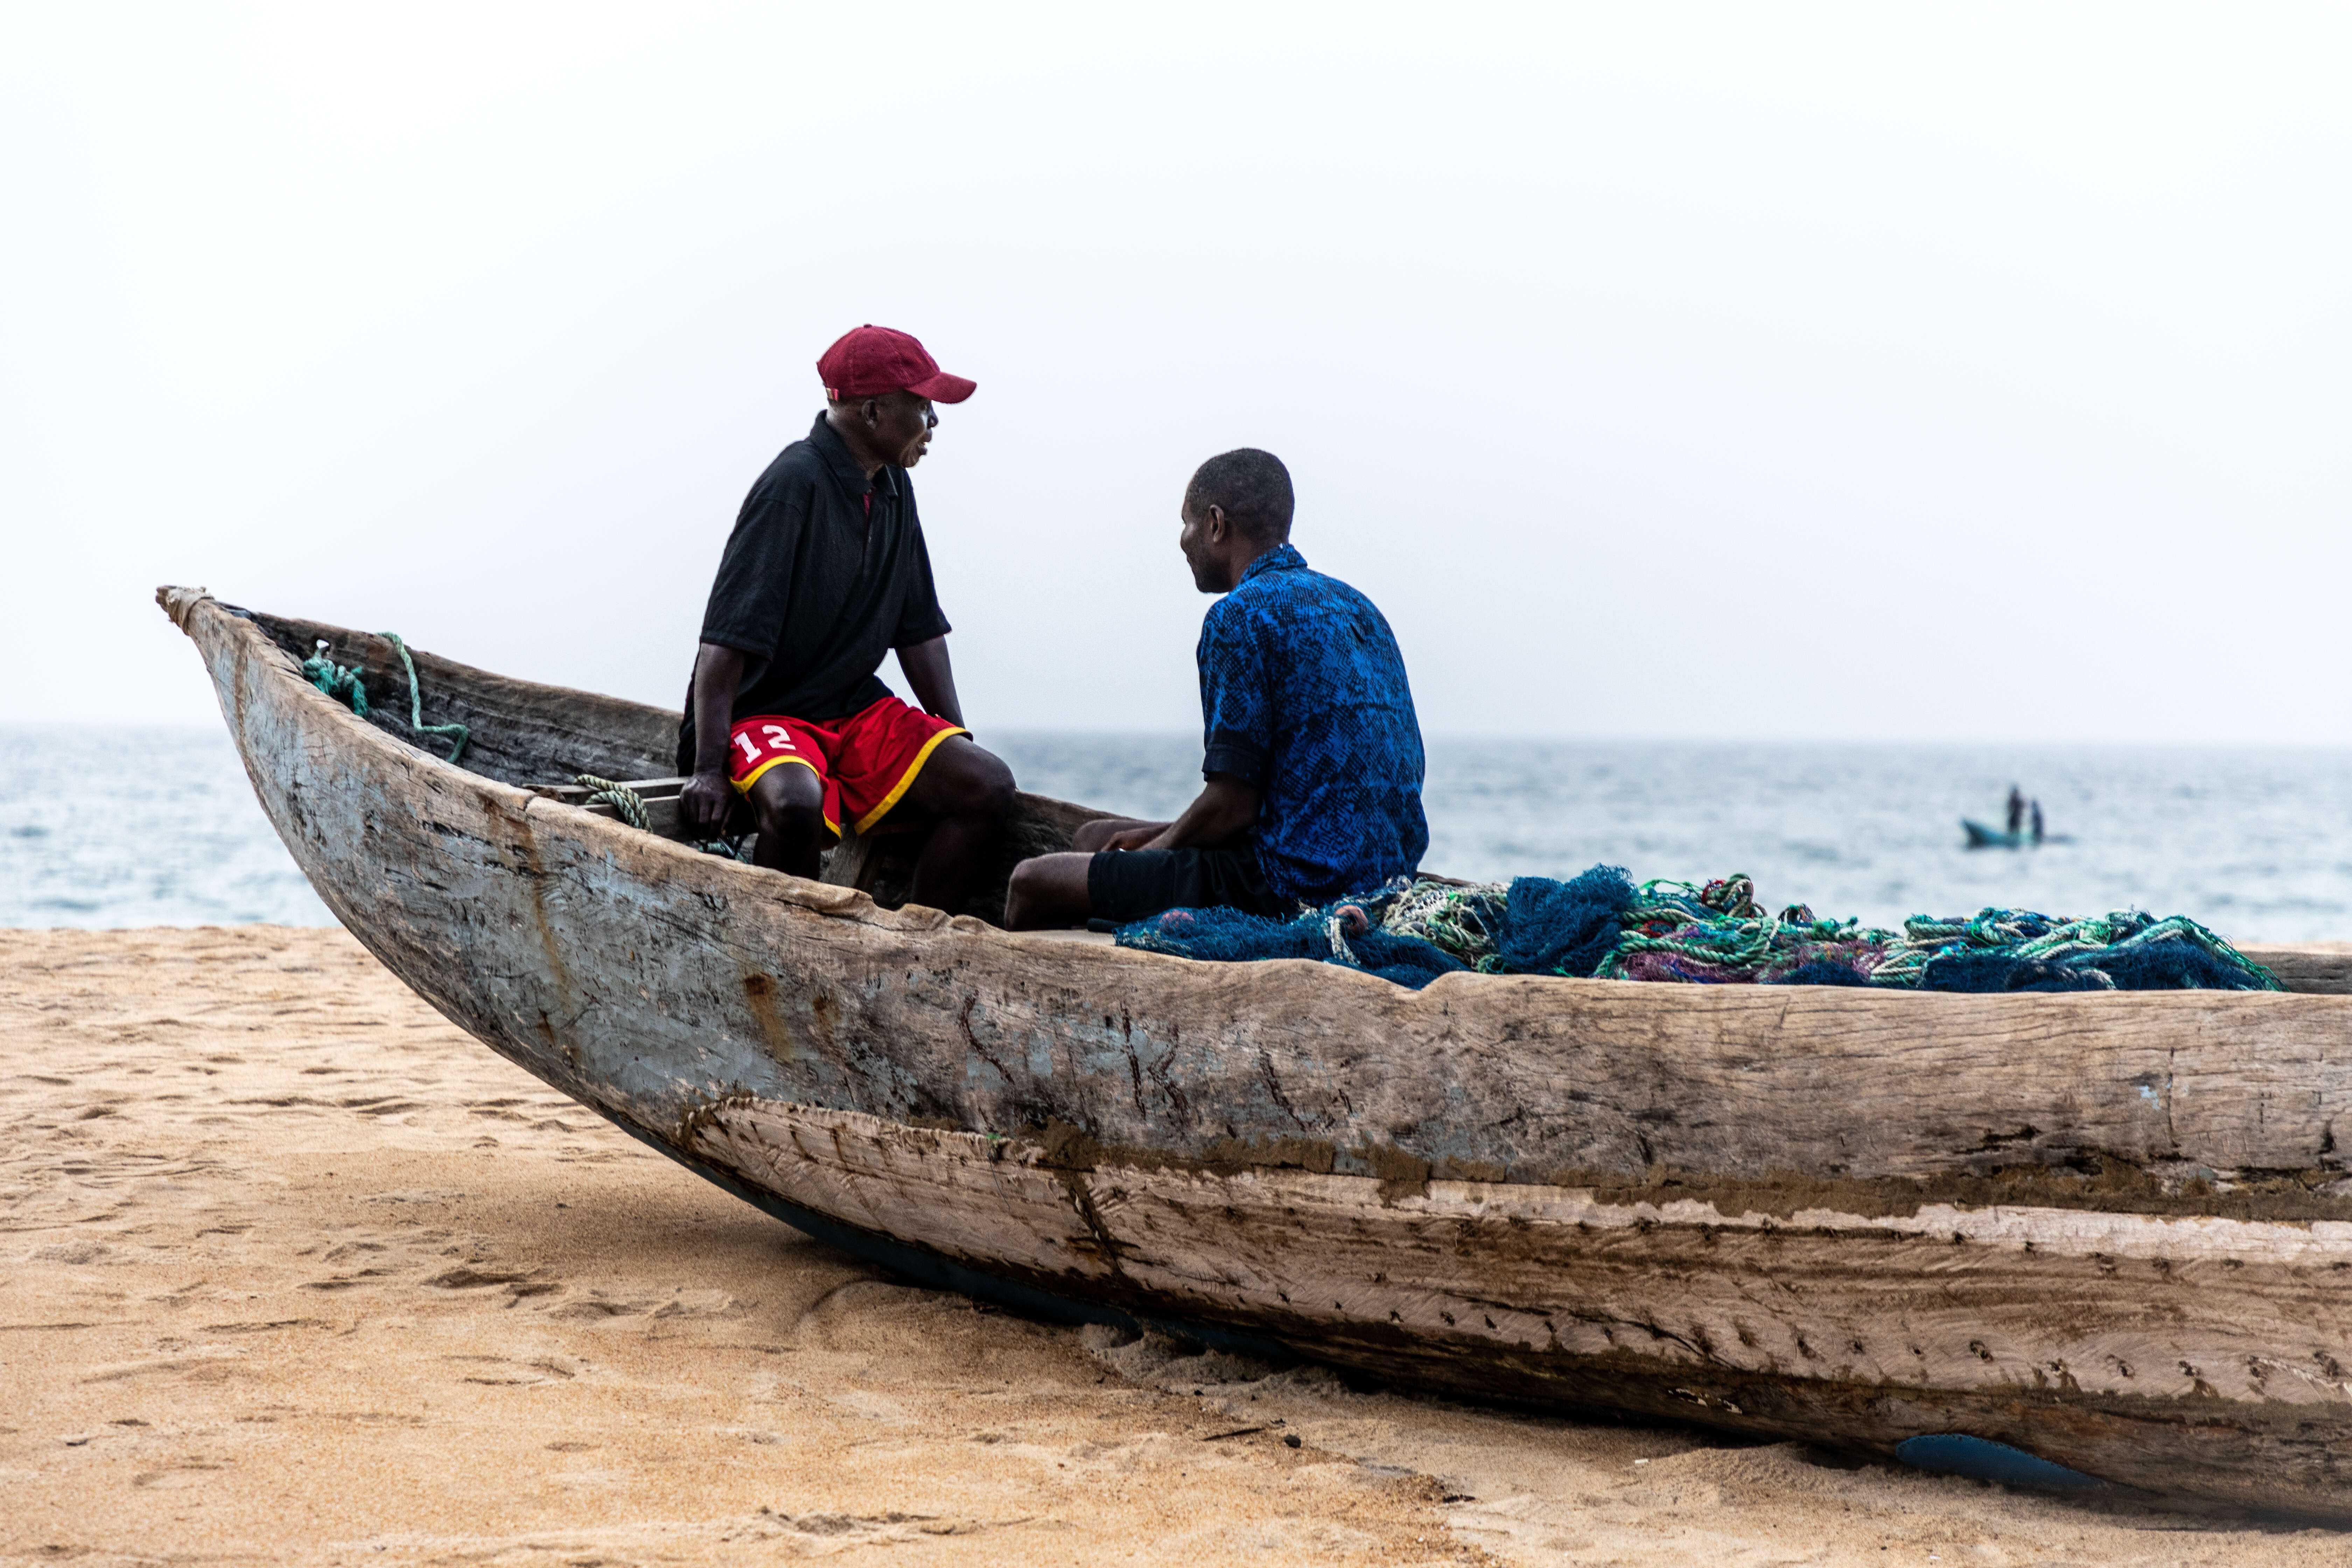 Liberian fishing communities threatened by Chinese supertrawlers